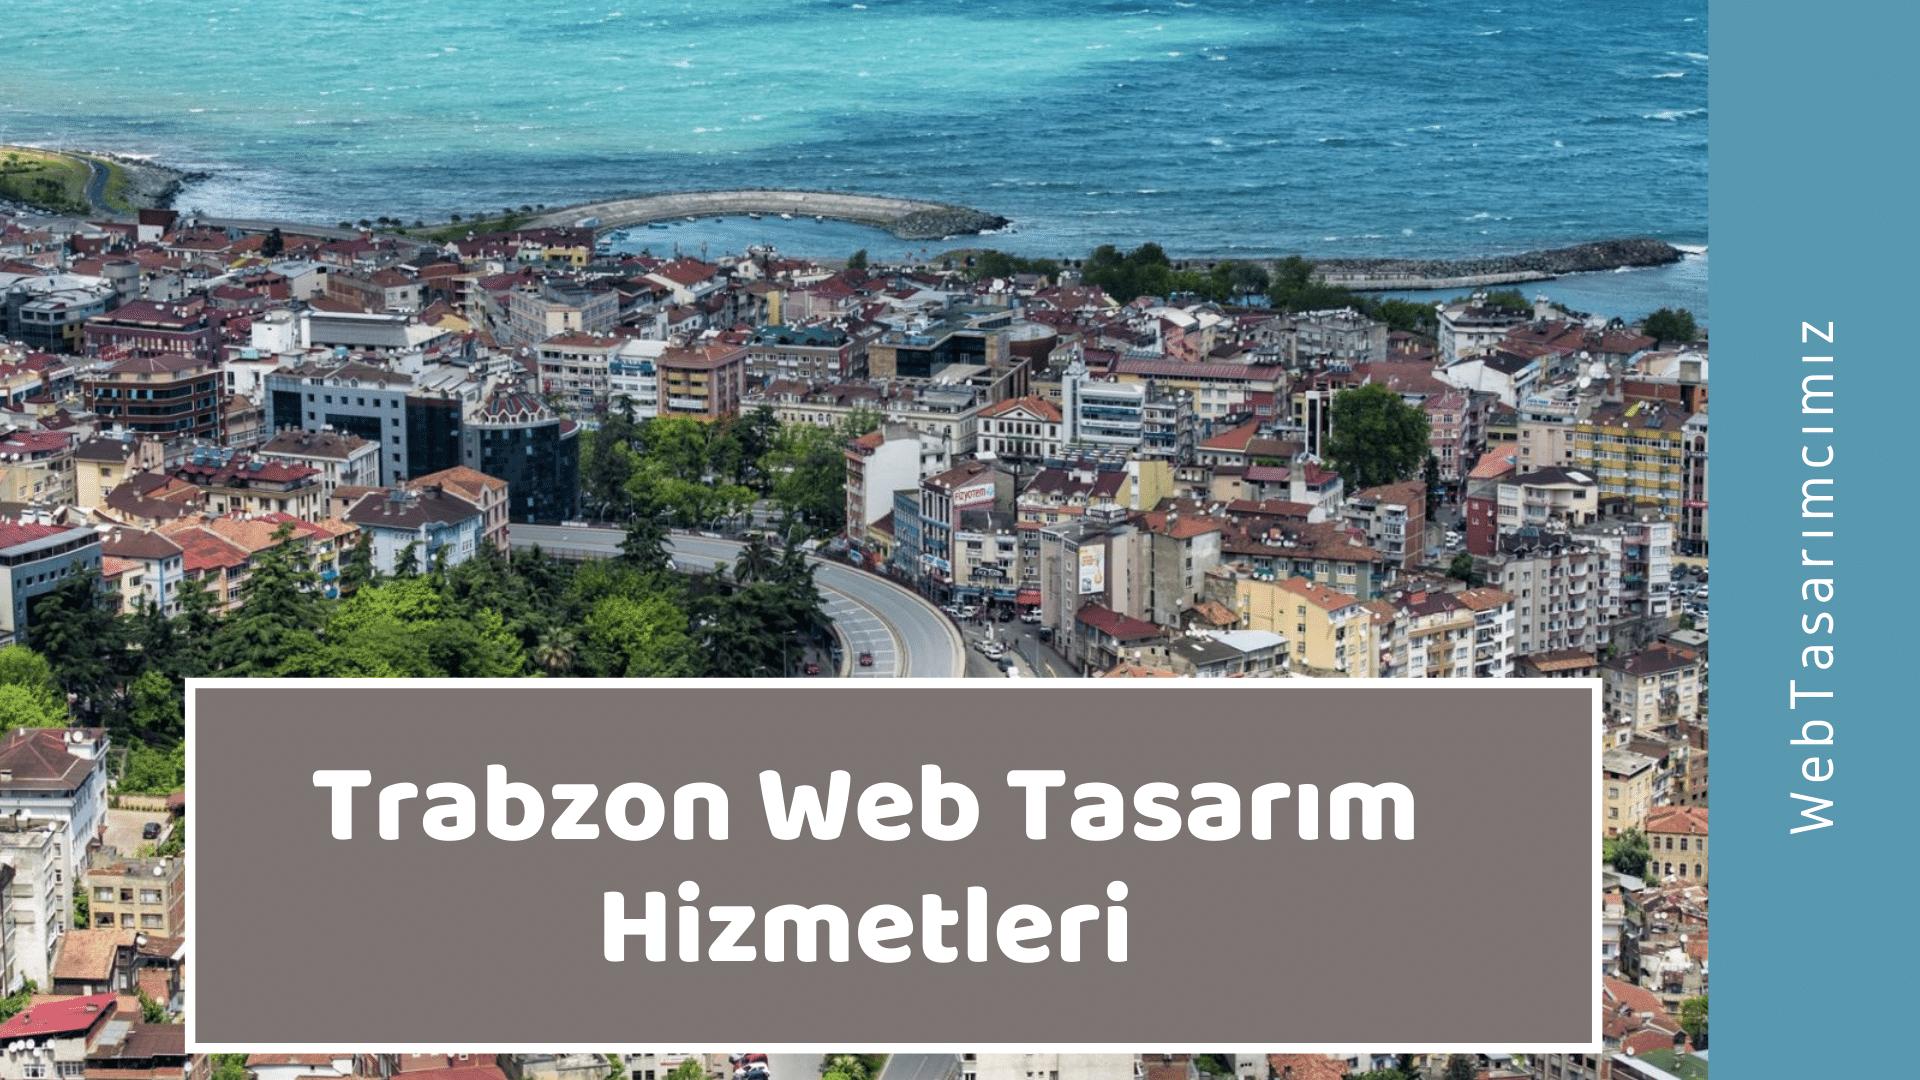 Trabzon Web Tasarım Hizmetleri